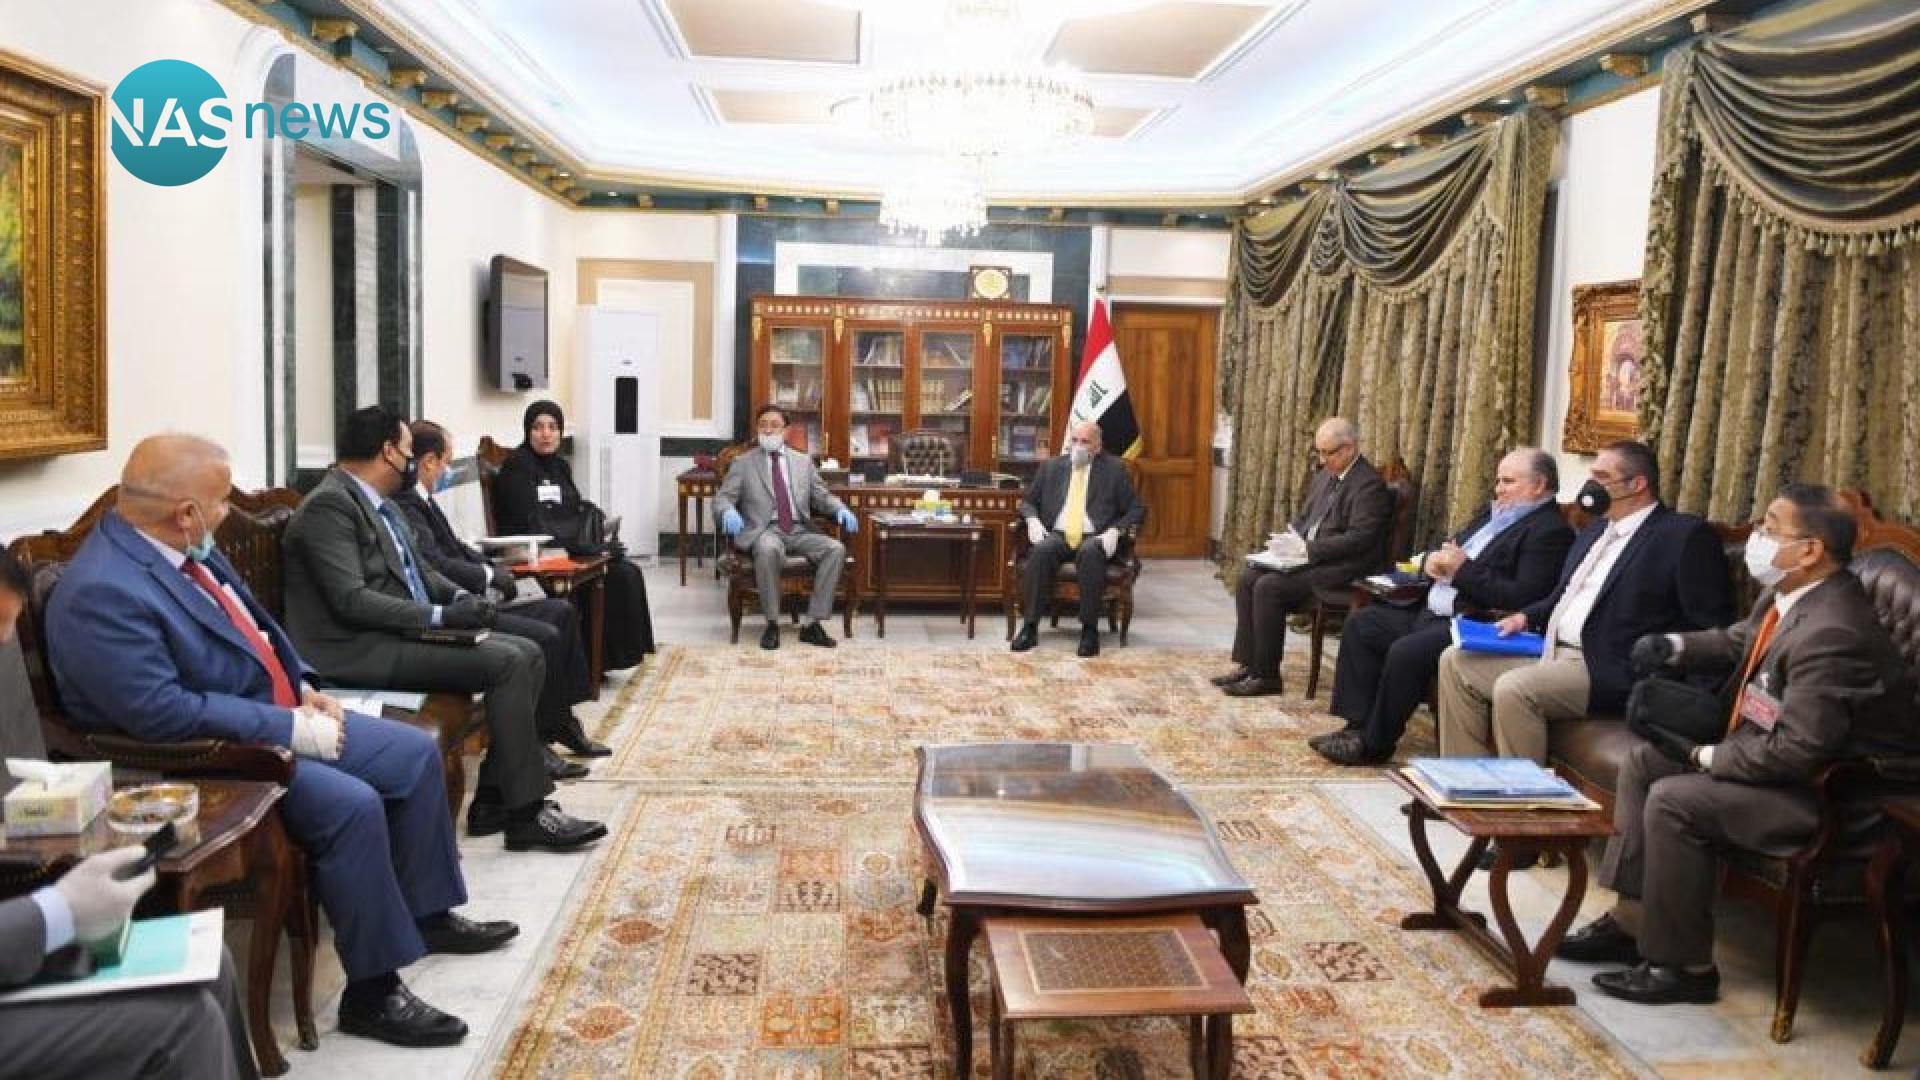 اجتماع رفيع في وزارة المالية لتدارس آليات إدارة الأزمة الاقتصادية في البلاد